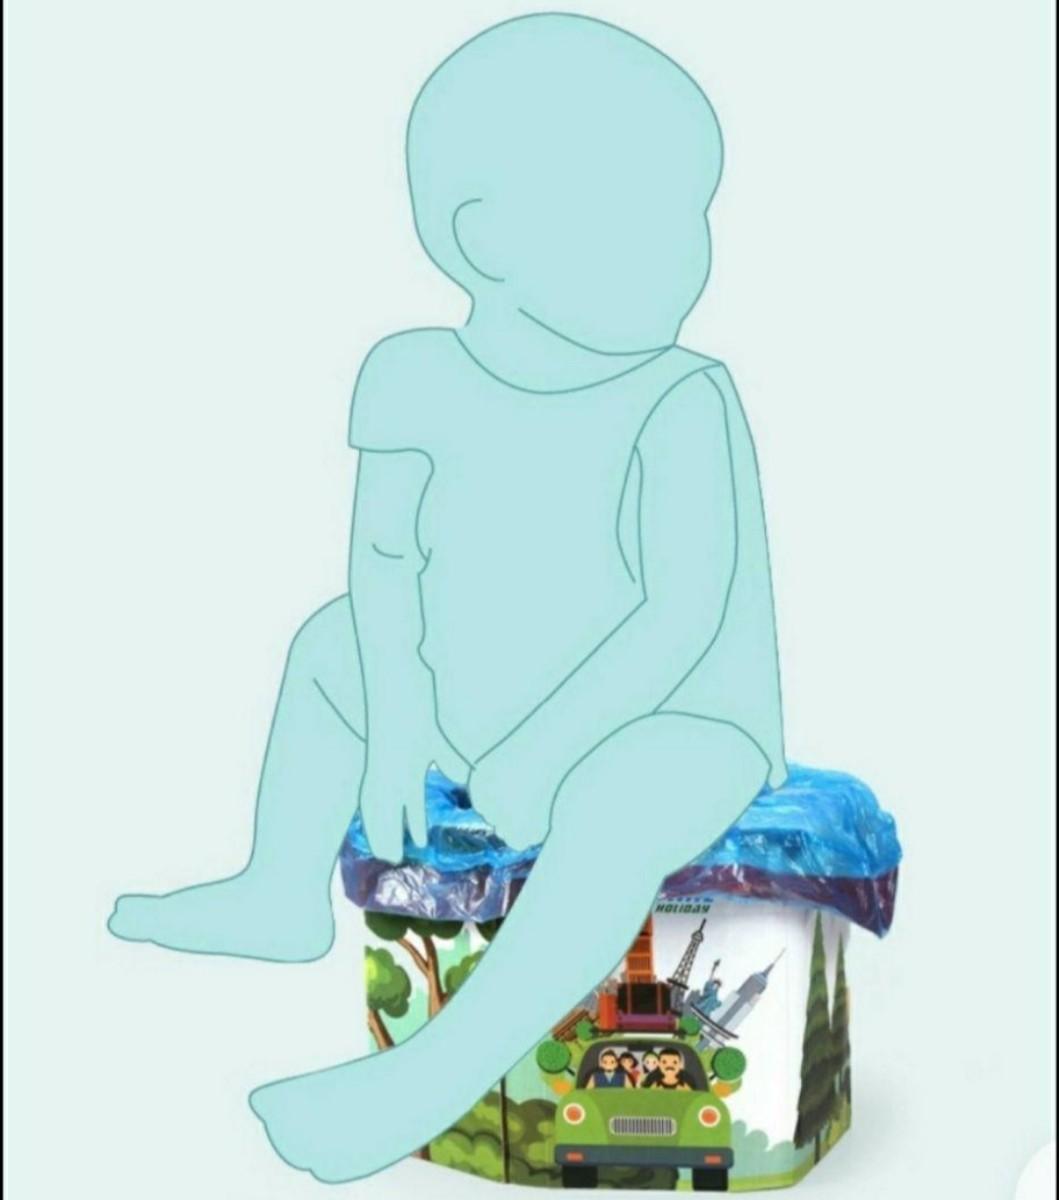 防災グッズ トイレ おまる 携帯トイレ 簡易トイレ 旅行 車内 防災用品 コンパクト 山 海 アウトドア 避難グッズ 緊急時